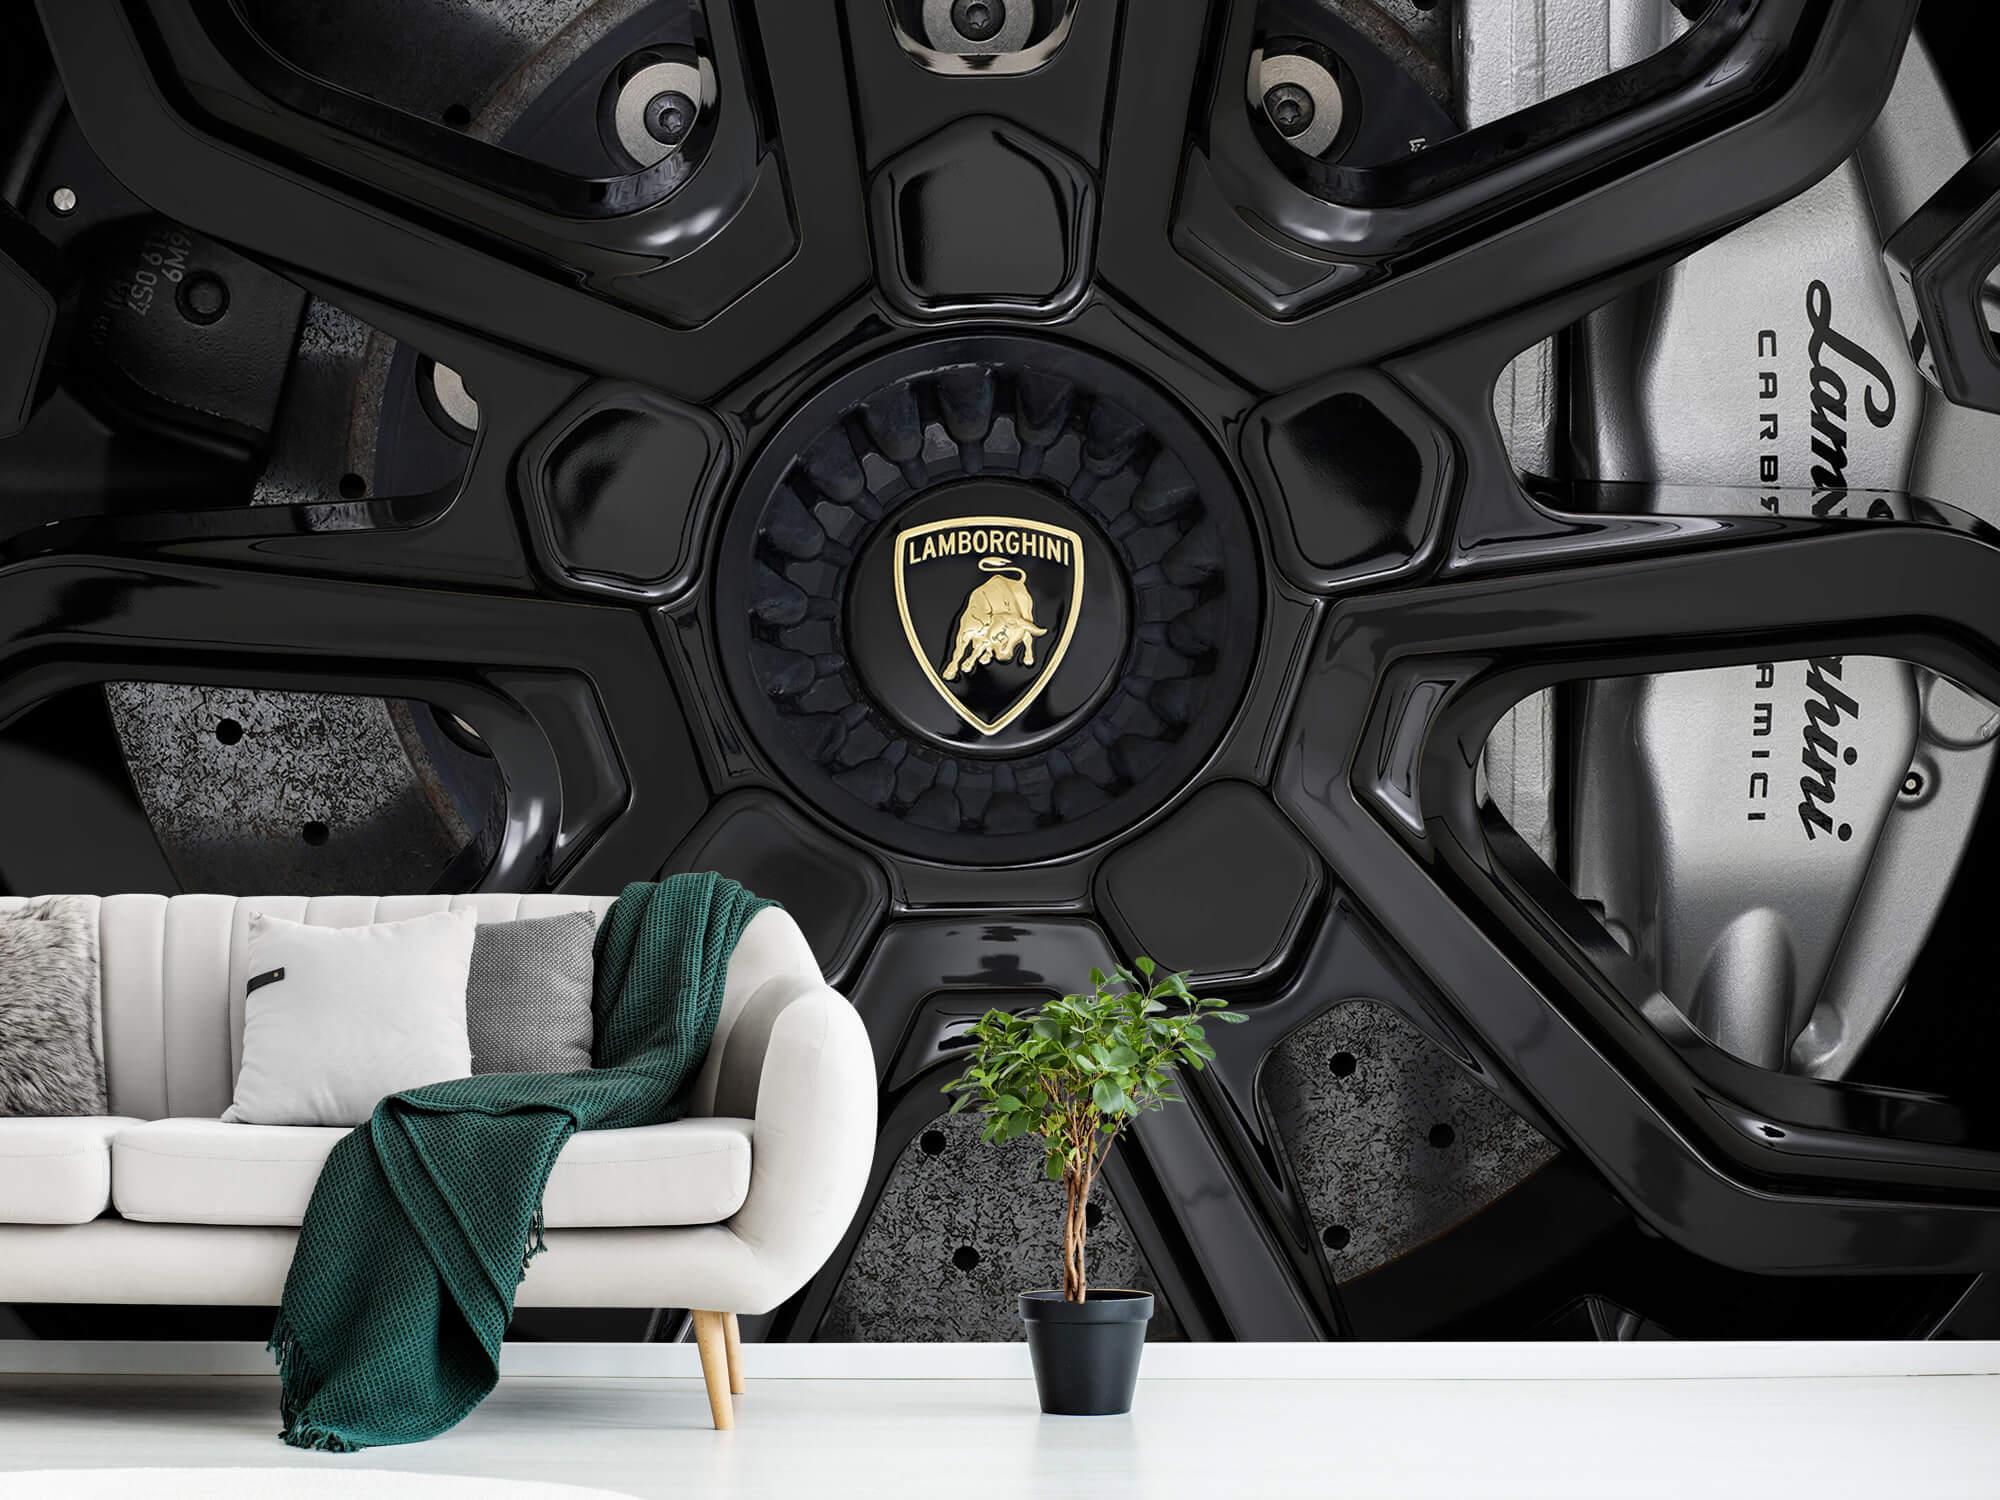 Pattern Lamborghini Huracán - Velg 1